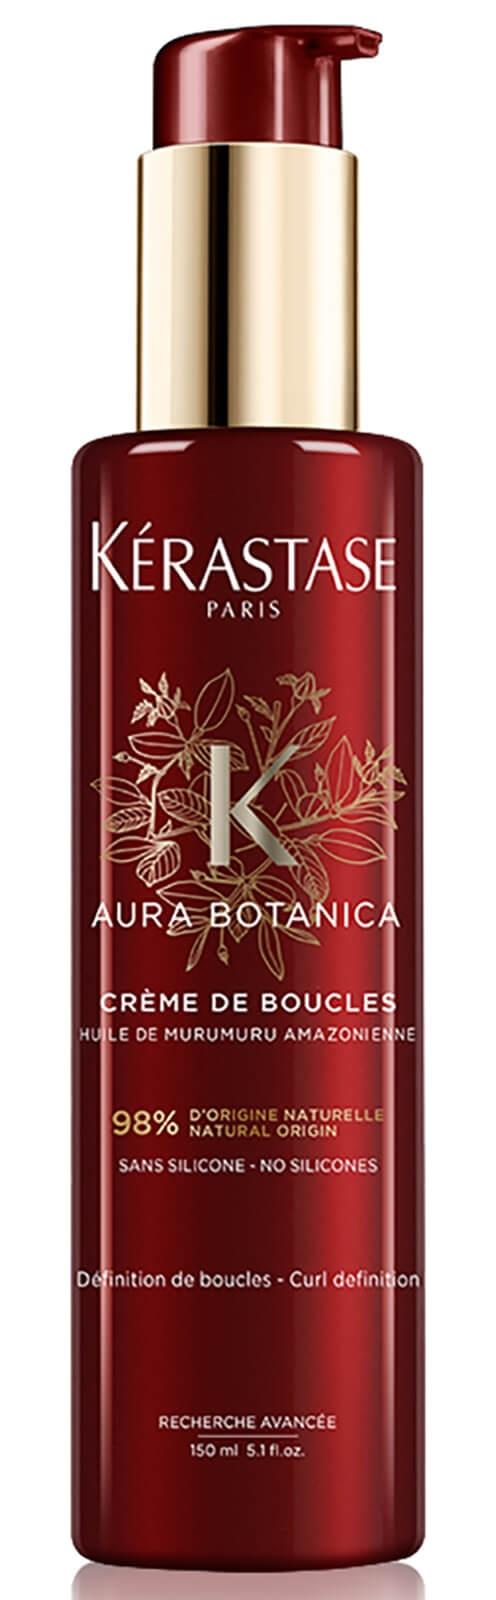 Kerastase Aura Botanica Crème De Boucles